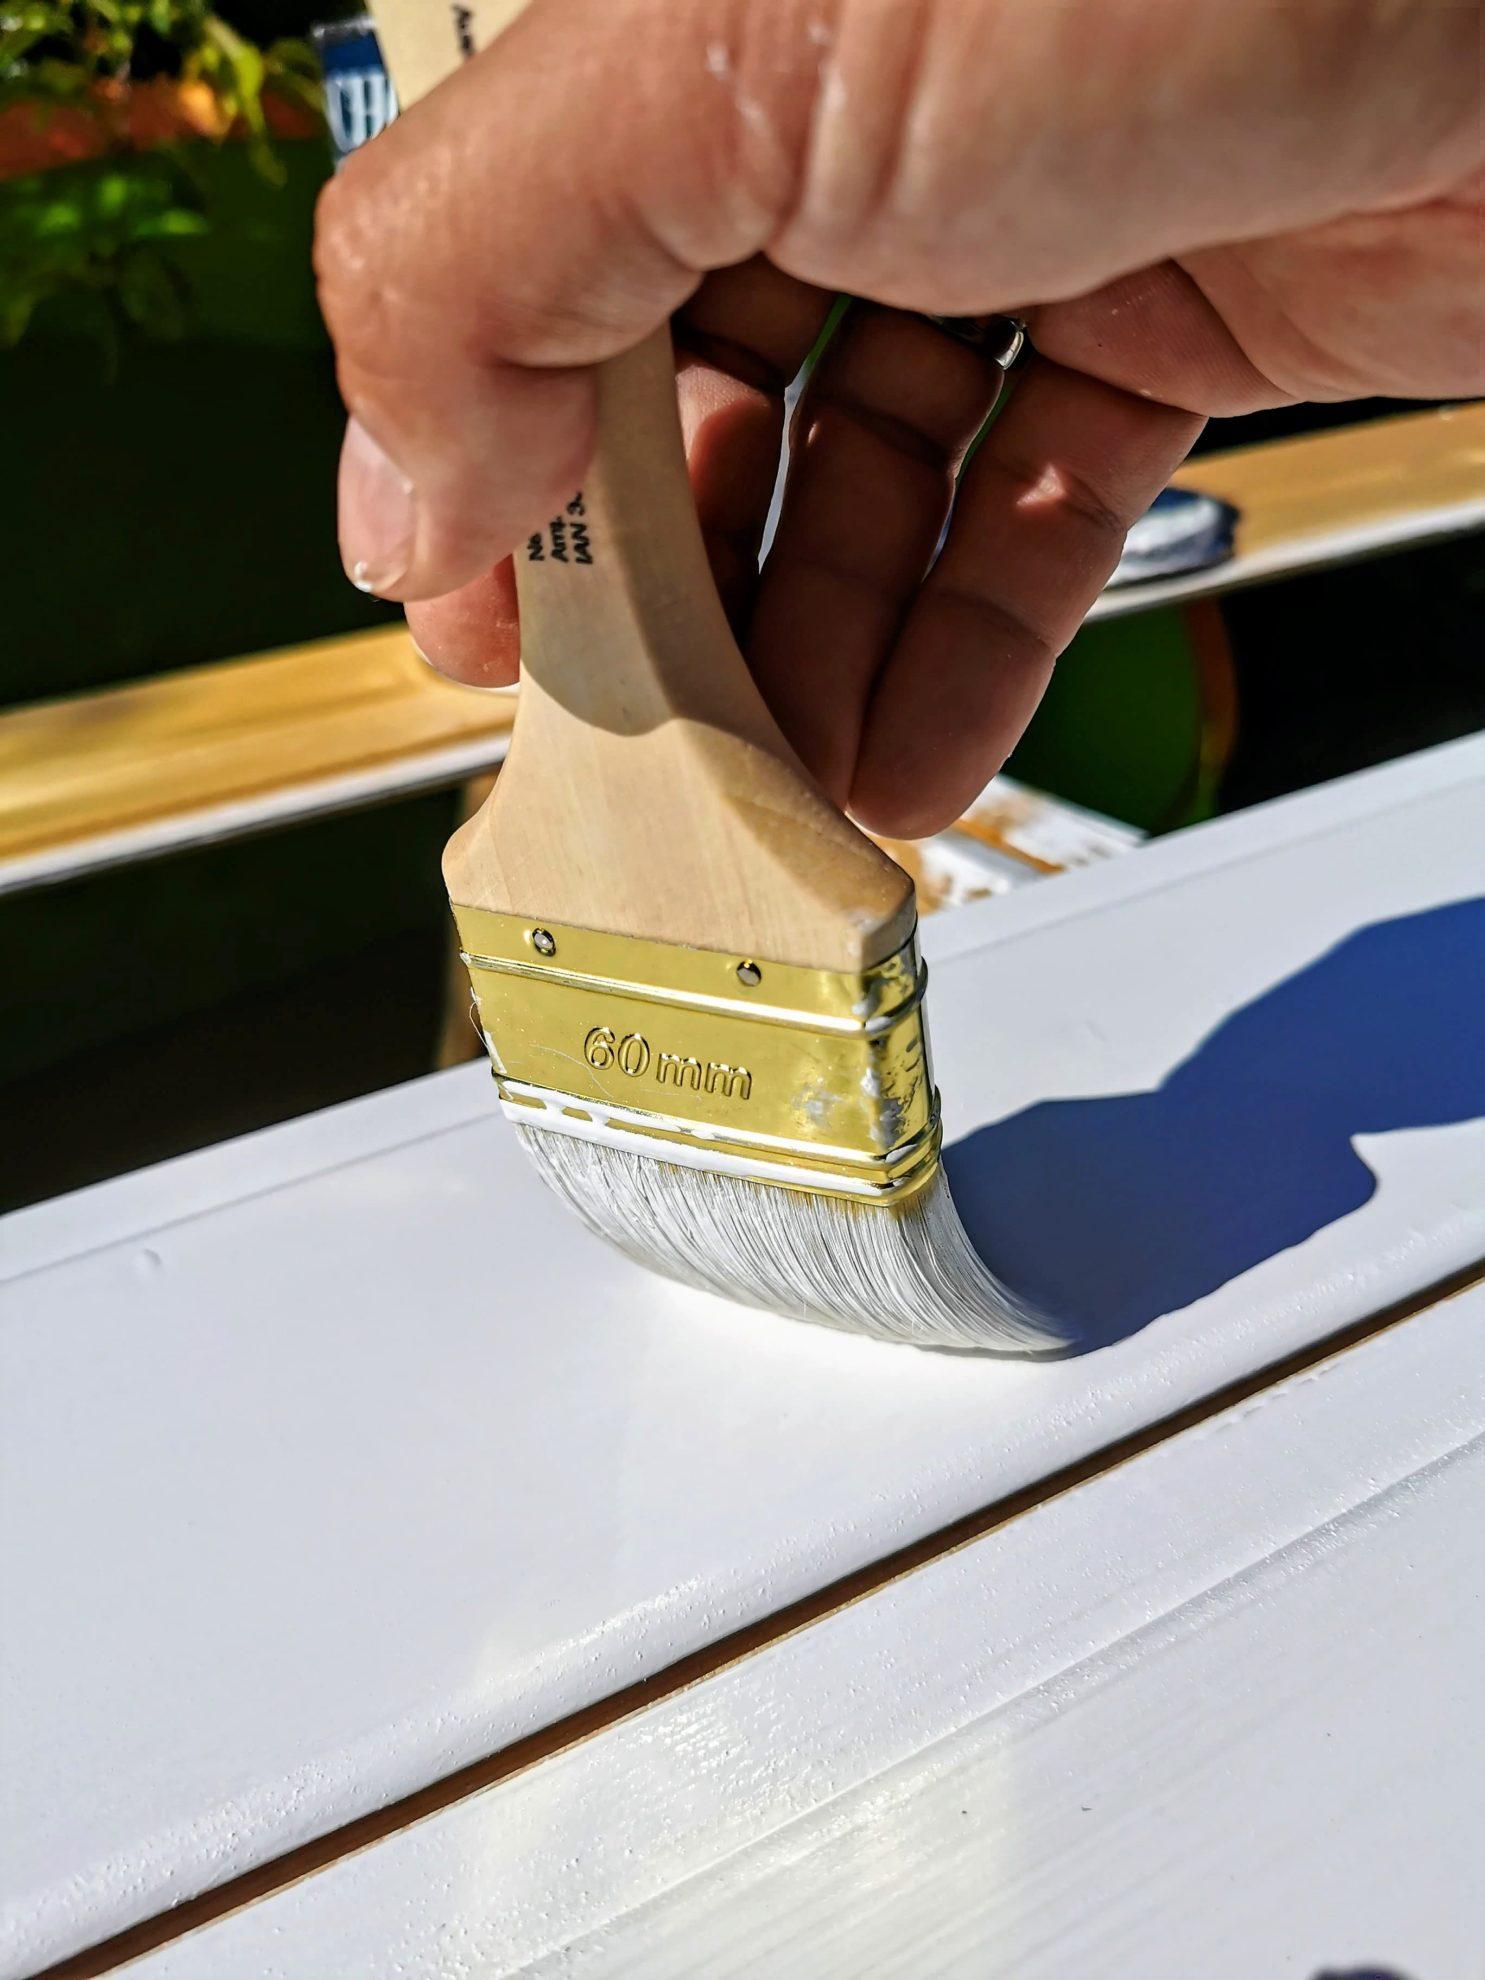 Unser Projekt nimmt Farbe an - ein Möbelstück entsteht.